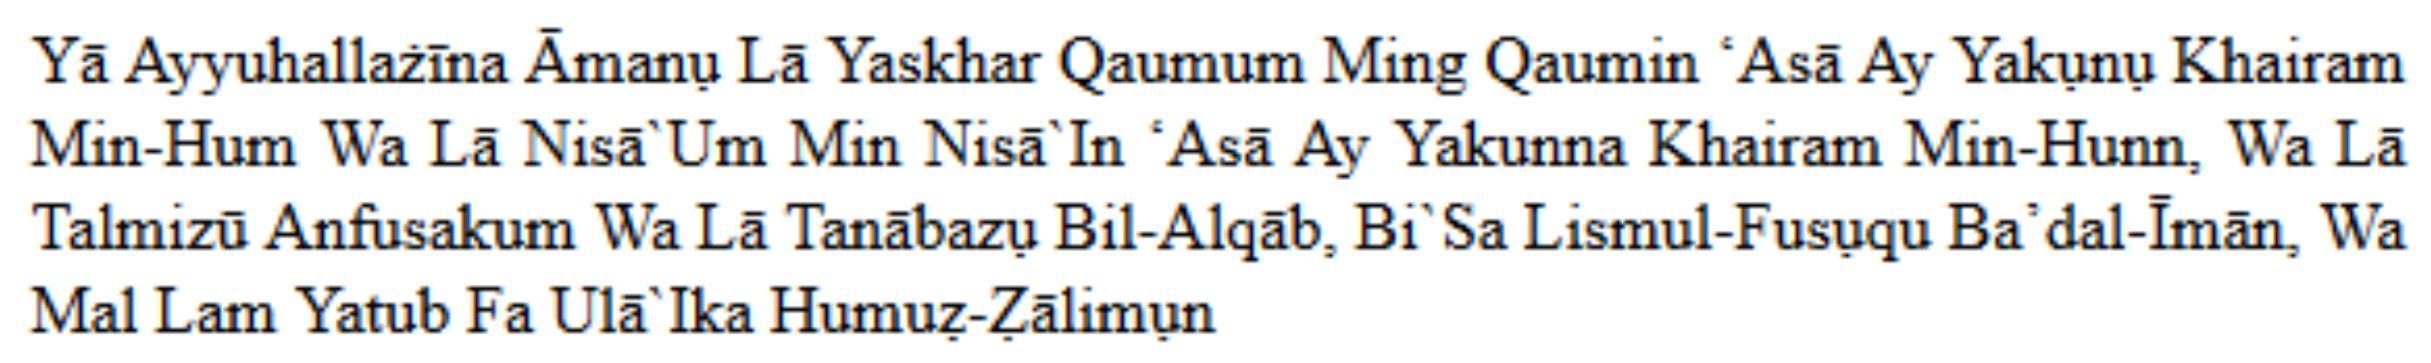 Al-Quran Surat Al Hujurat Ayat 11 Latin